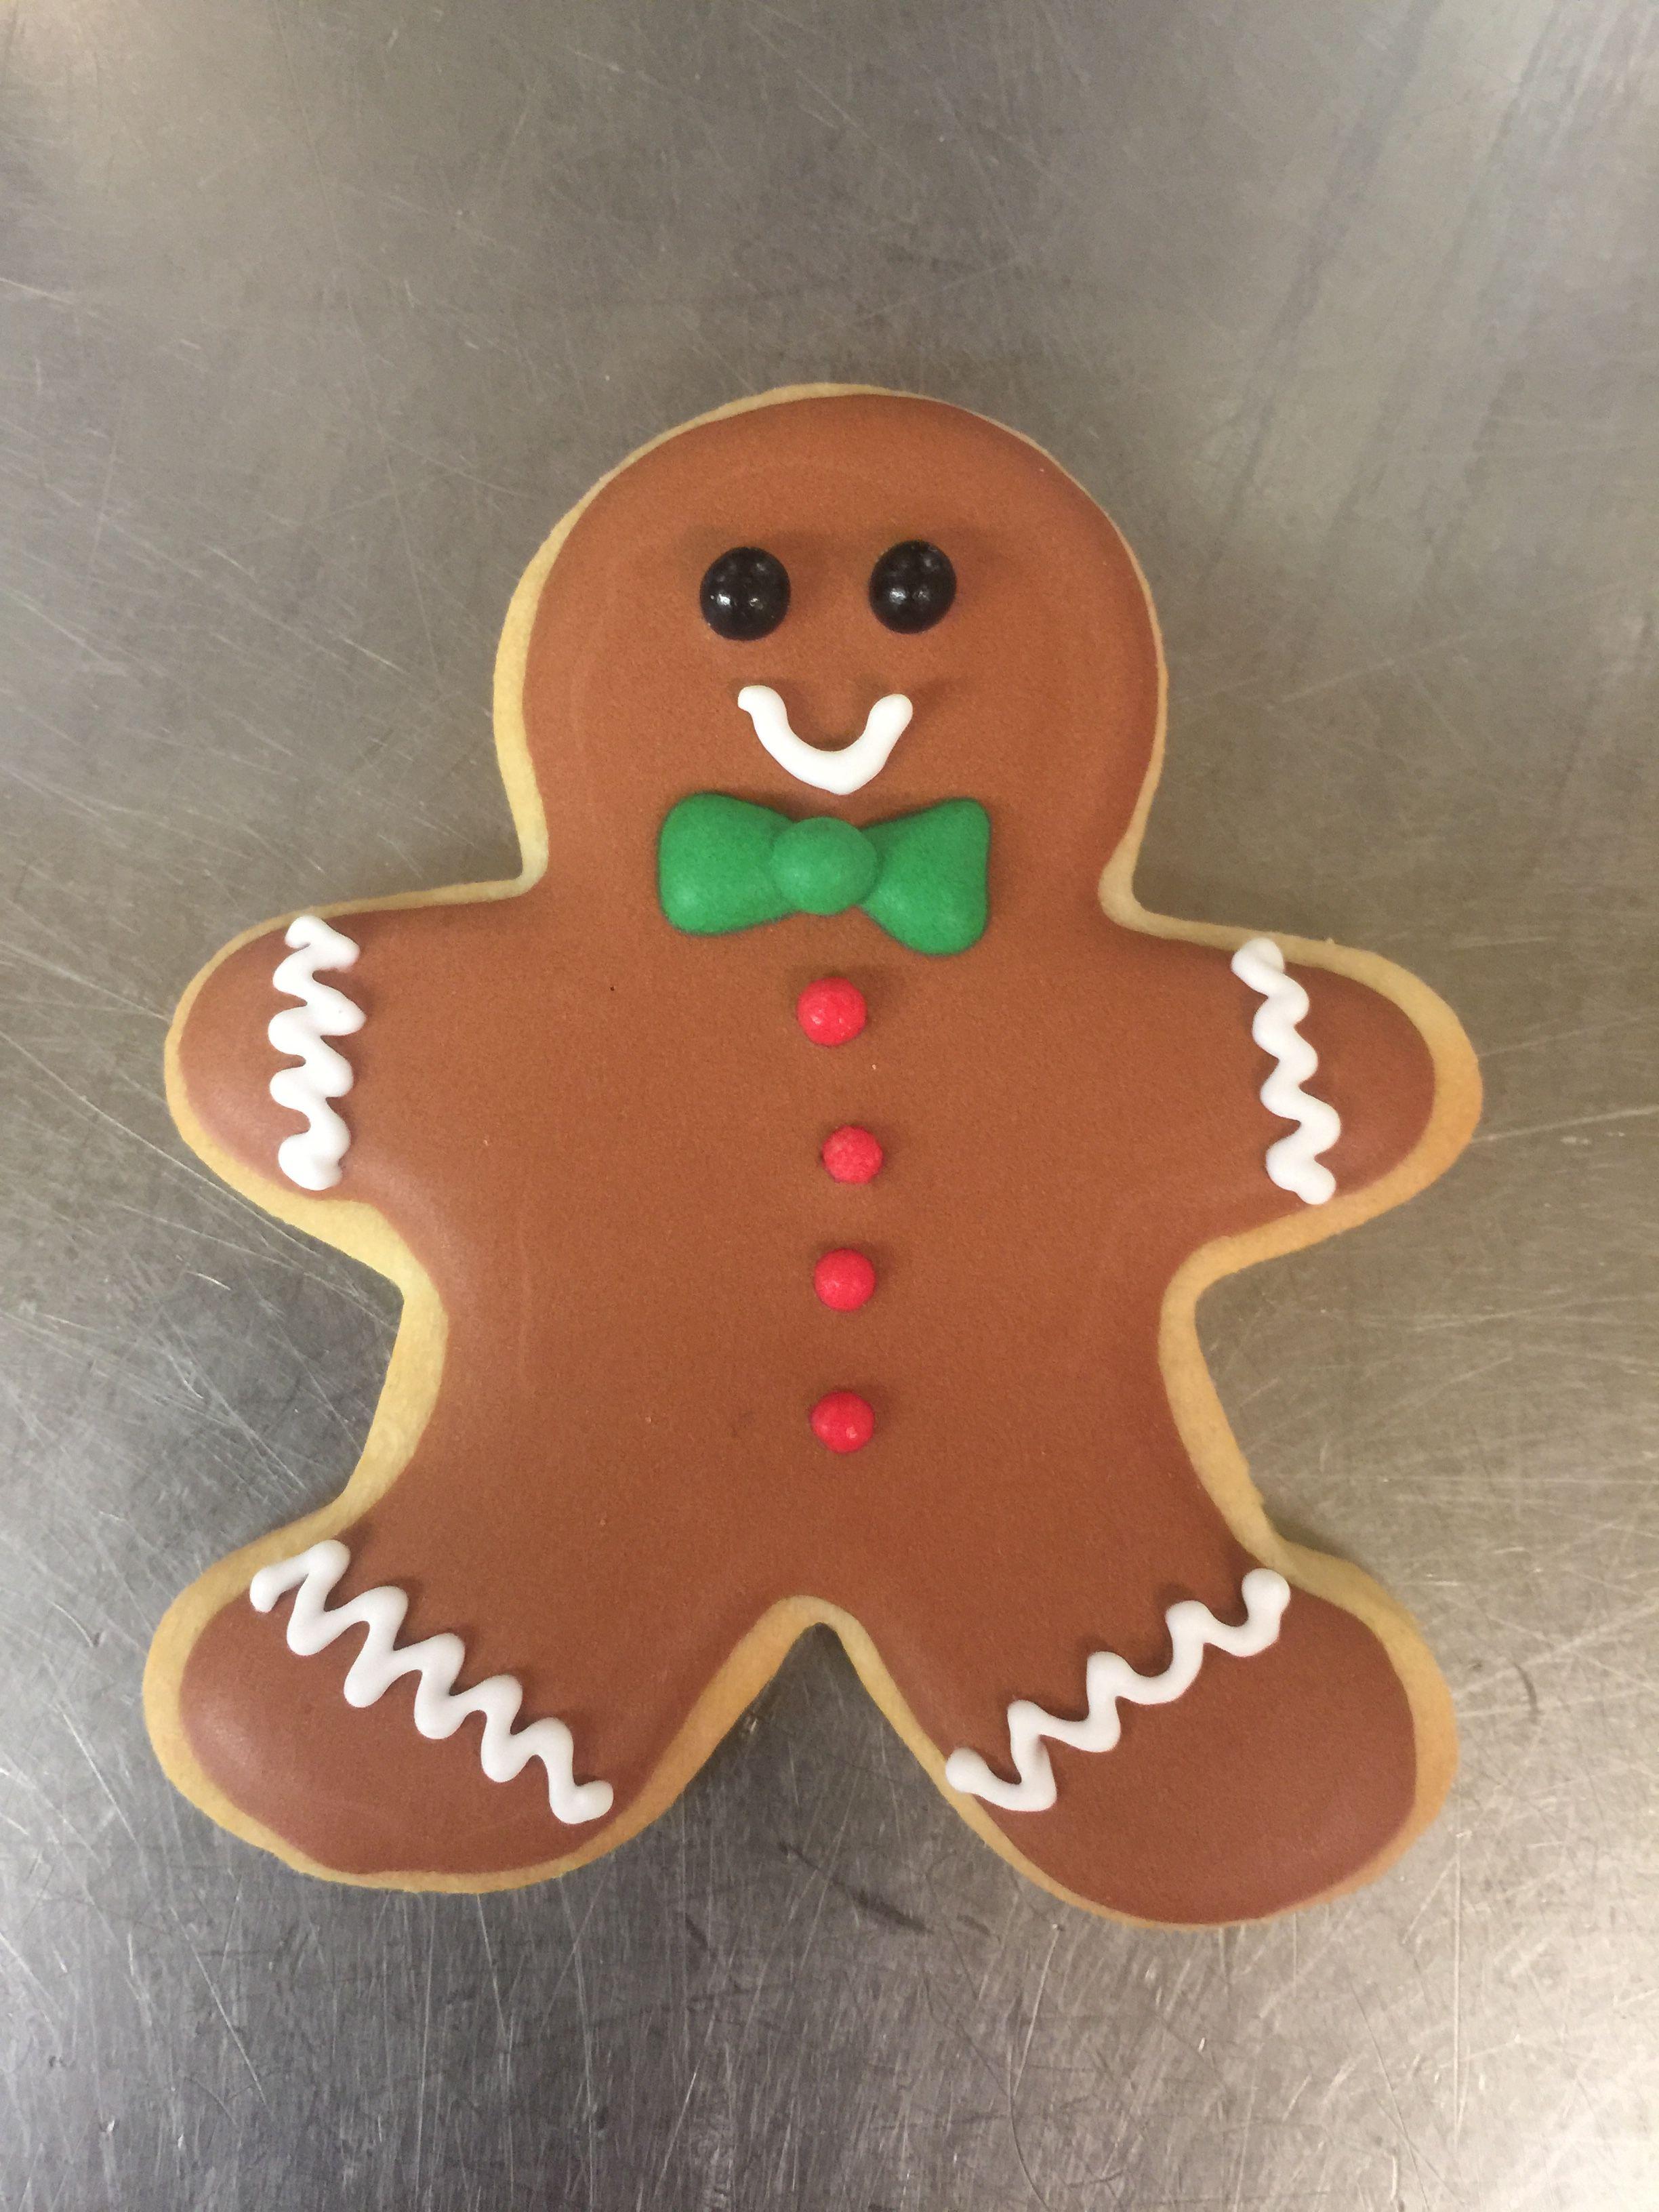 Royal Icing Gingerbread Man Sugar Cookie Cookies Christmas